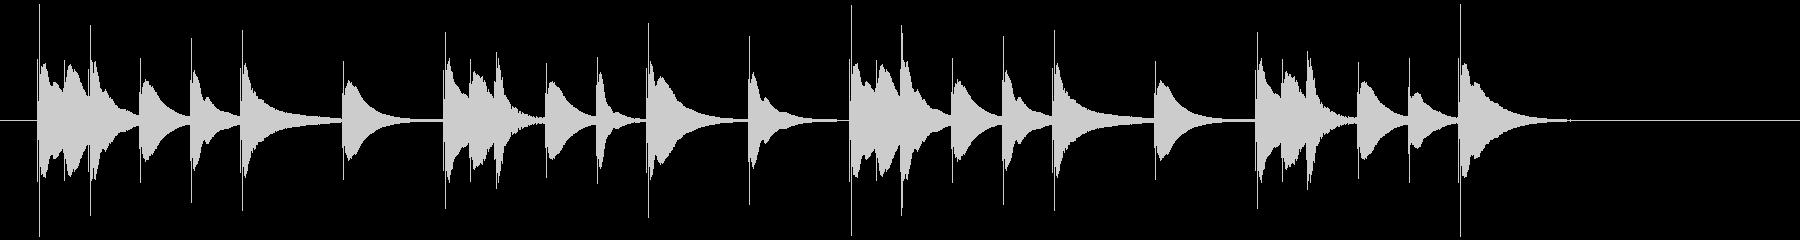 ほのぼのとした可愛らしい木琴のジングル2の未再生の波形